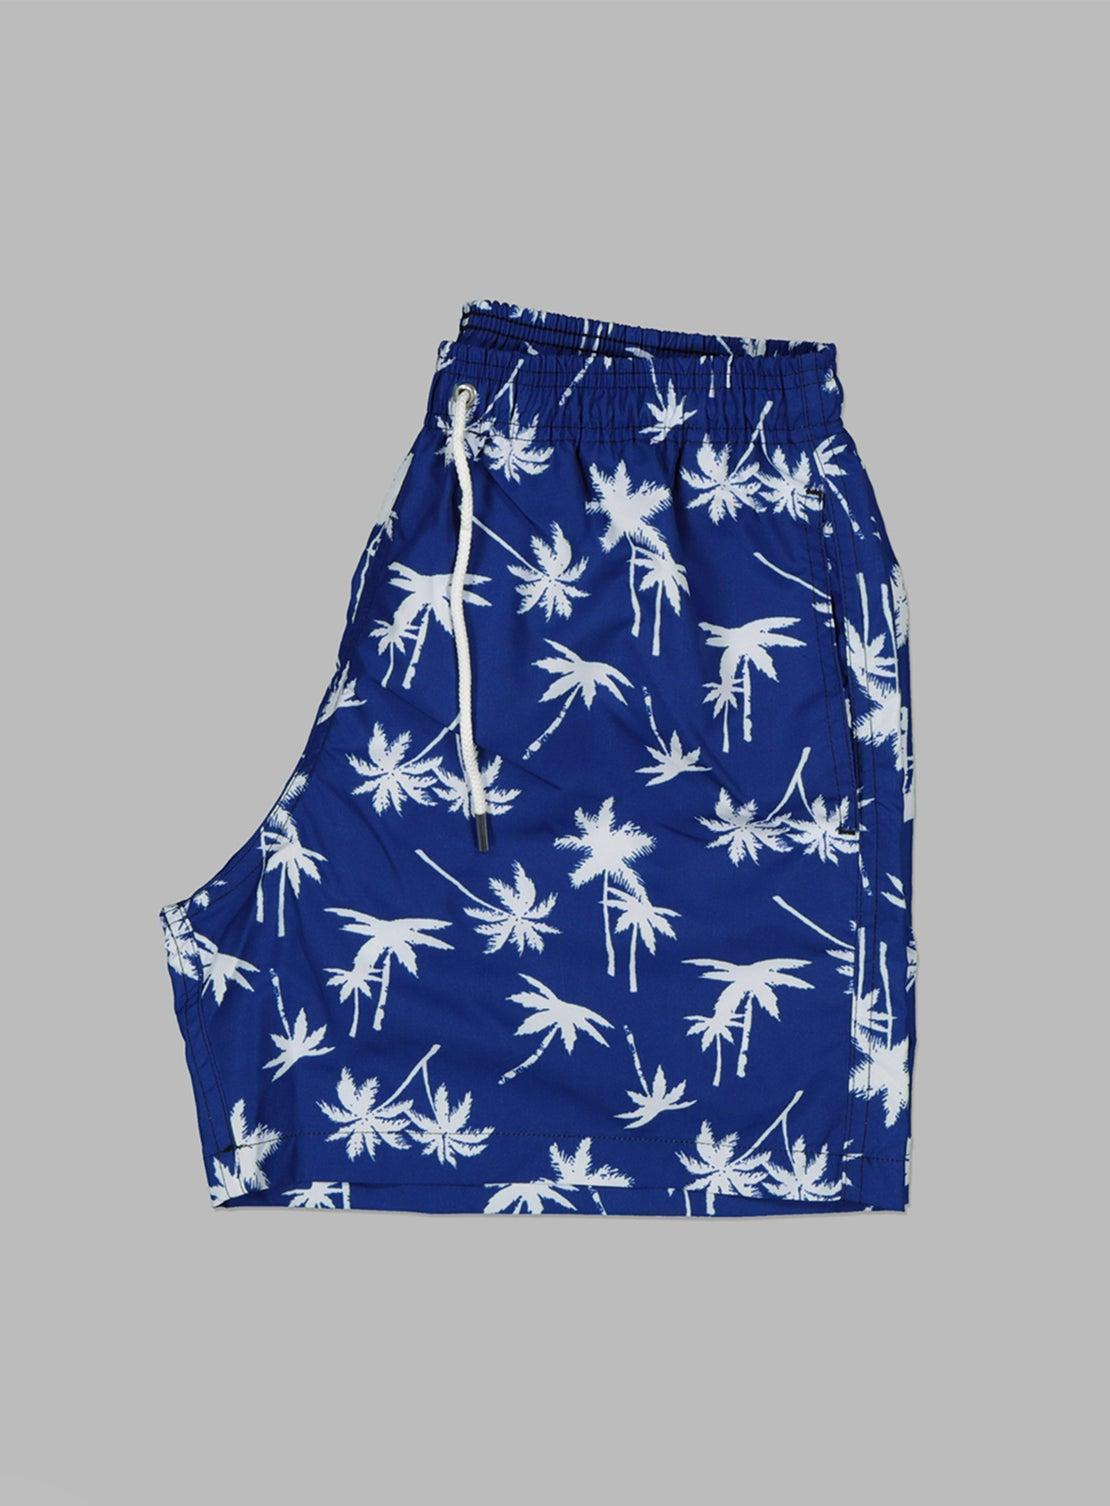 Blue Palm Swim Trunks